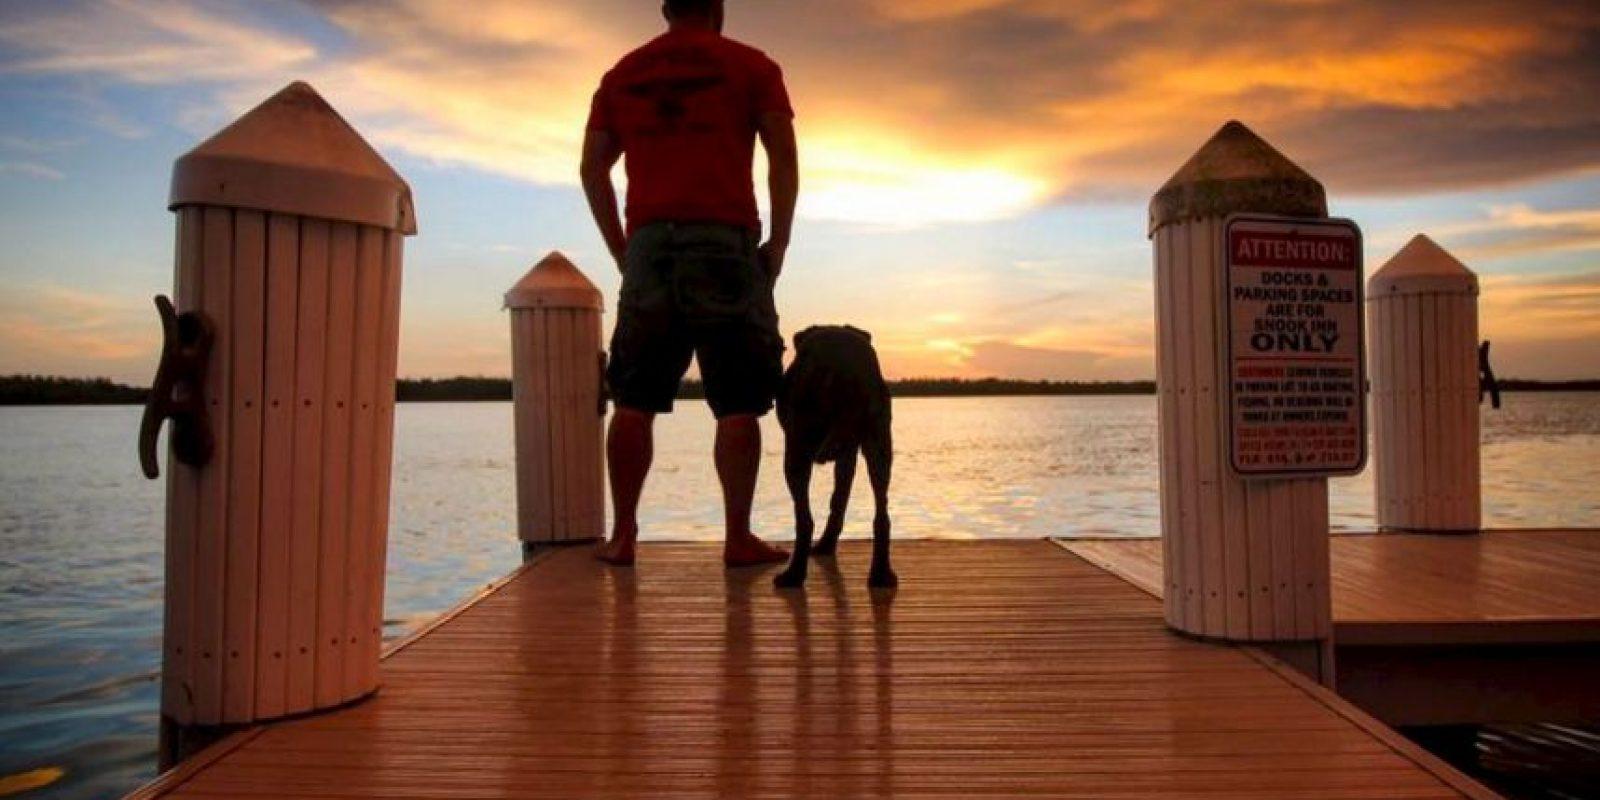 """""""Díganme, ¿hay una mejor manera de que comenzar la mañana que disfrutar el nacimiento de un nuevo día con alguien que aman a su lado?"""". Robert Kugler Foto:Facebook Robert Kugler"""